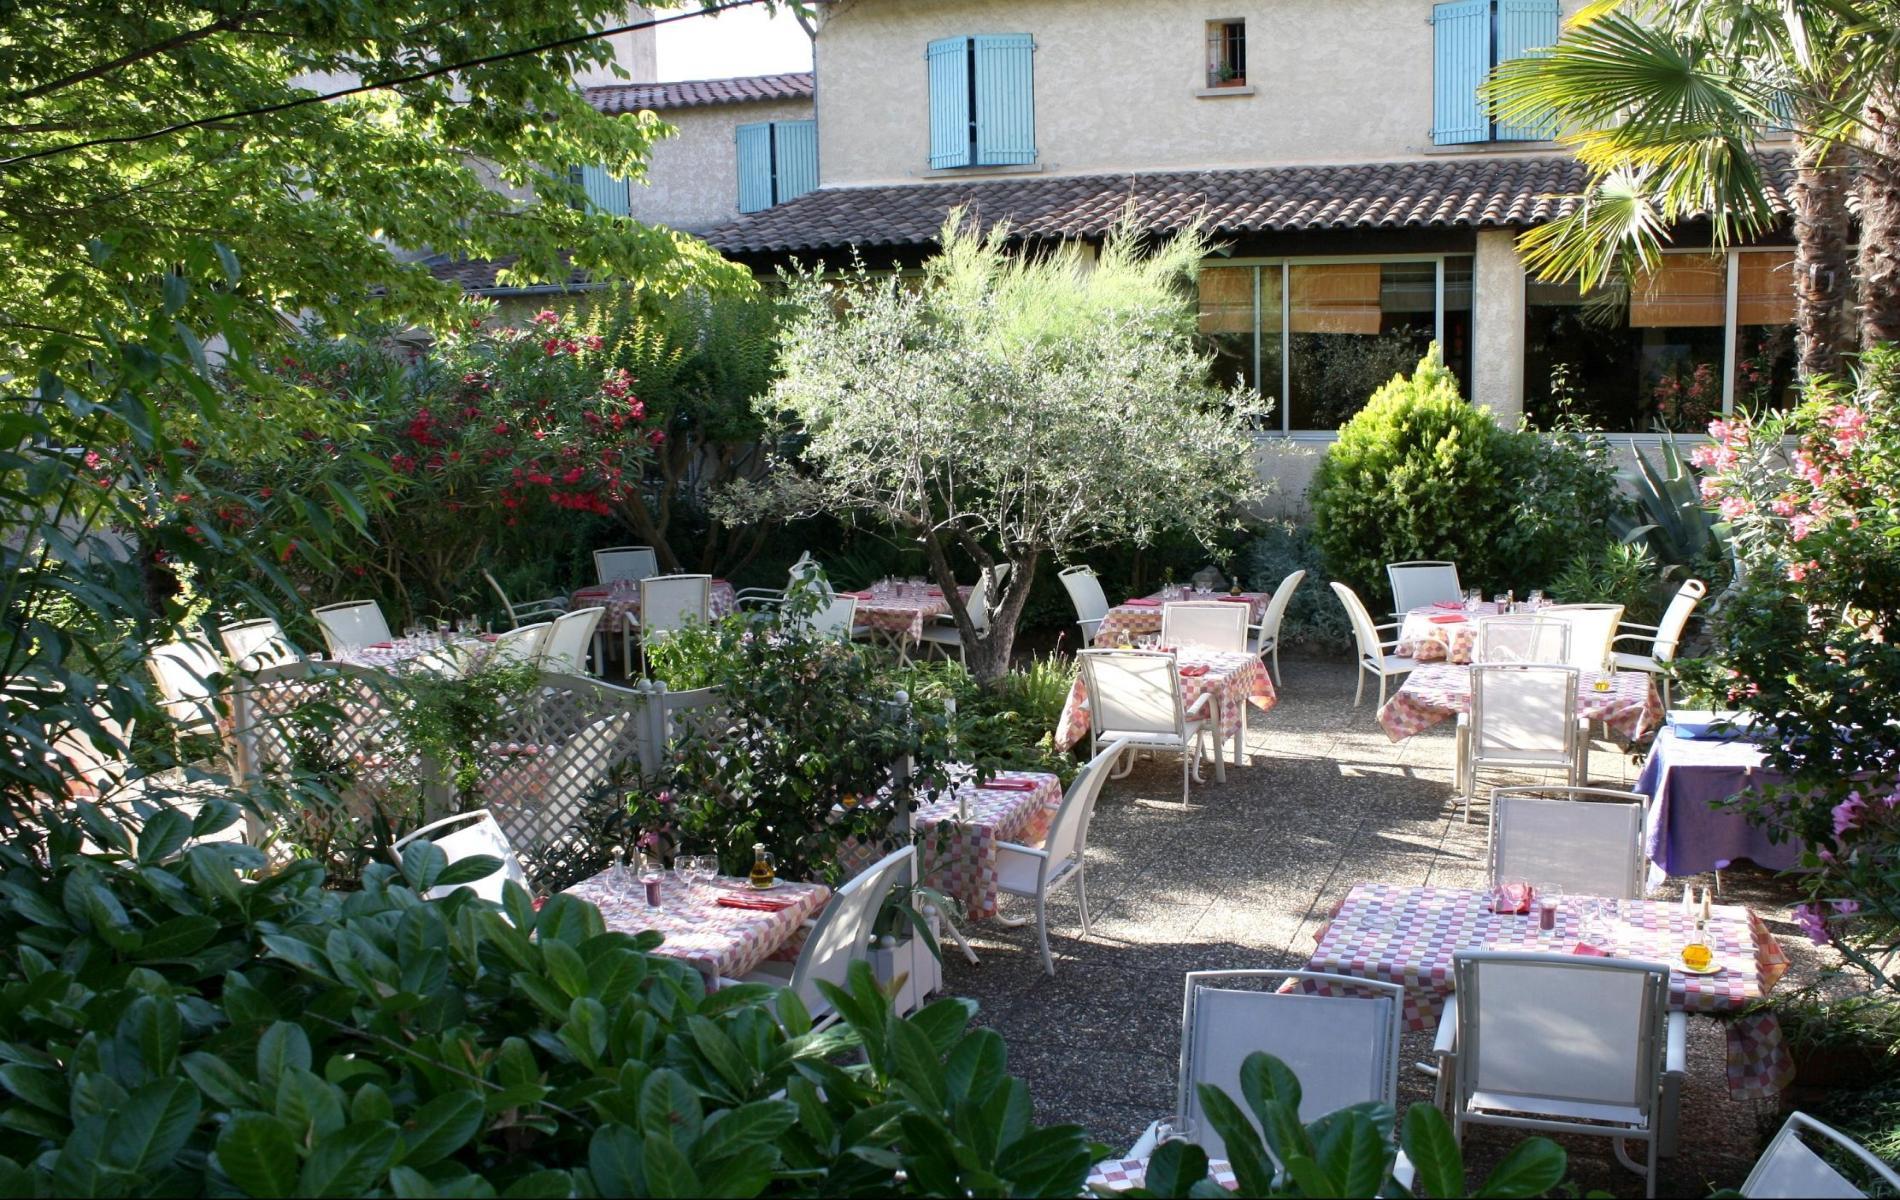 Restaurant aux pieds du mont ventoux for Restaurant le jardin domont